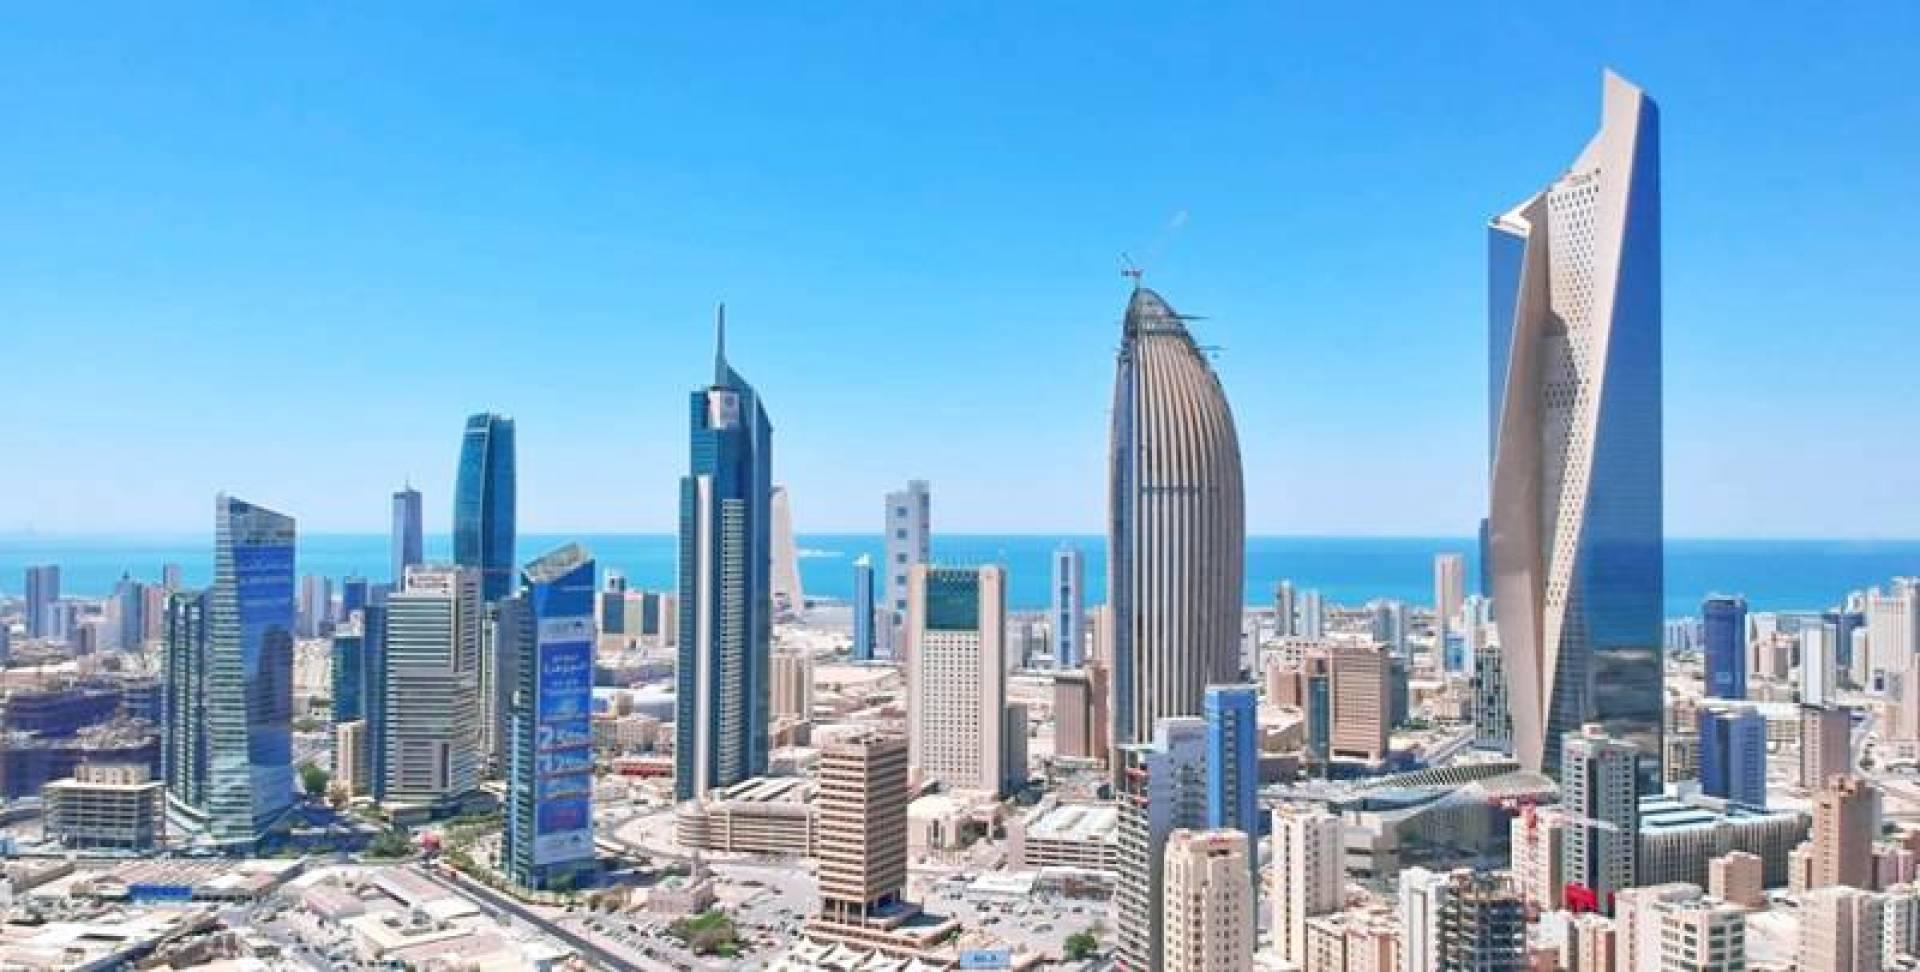 تصنيف الكويت بين الأعلى في الأسواق الناشئة